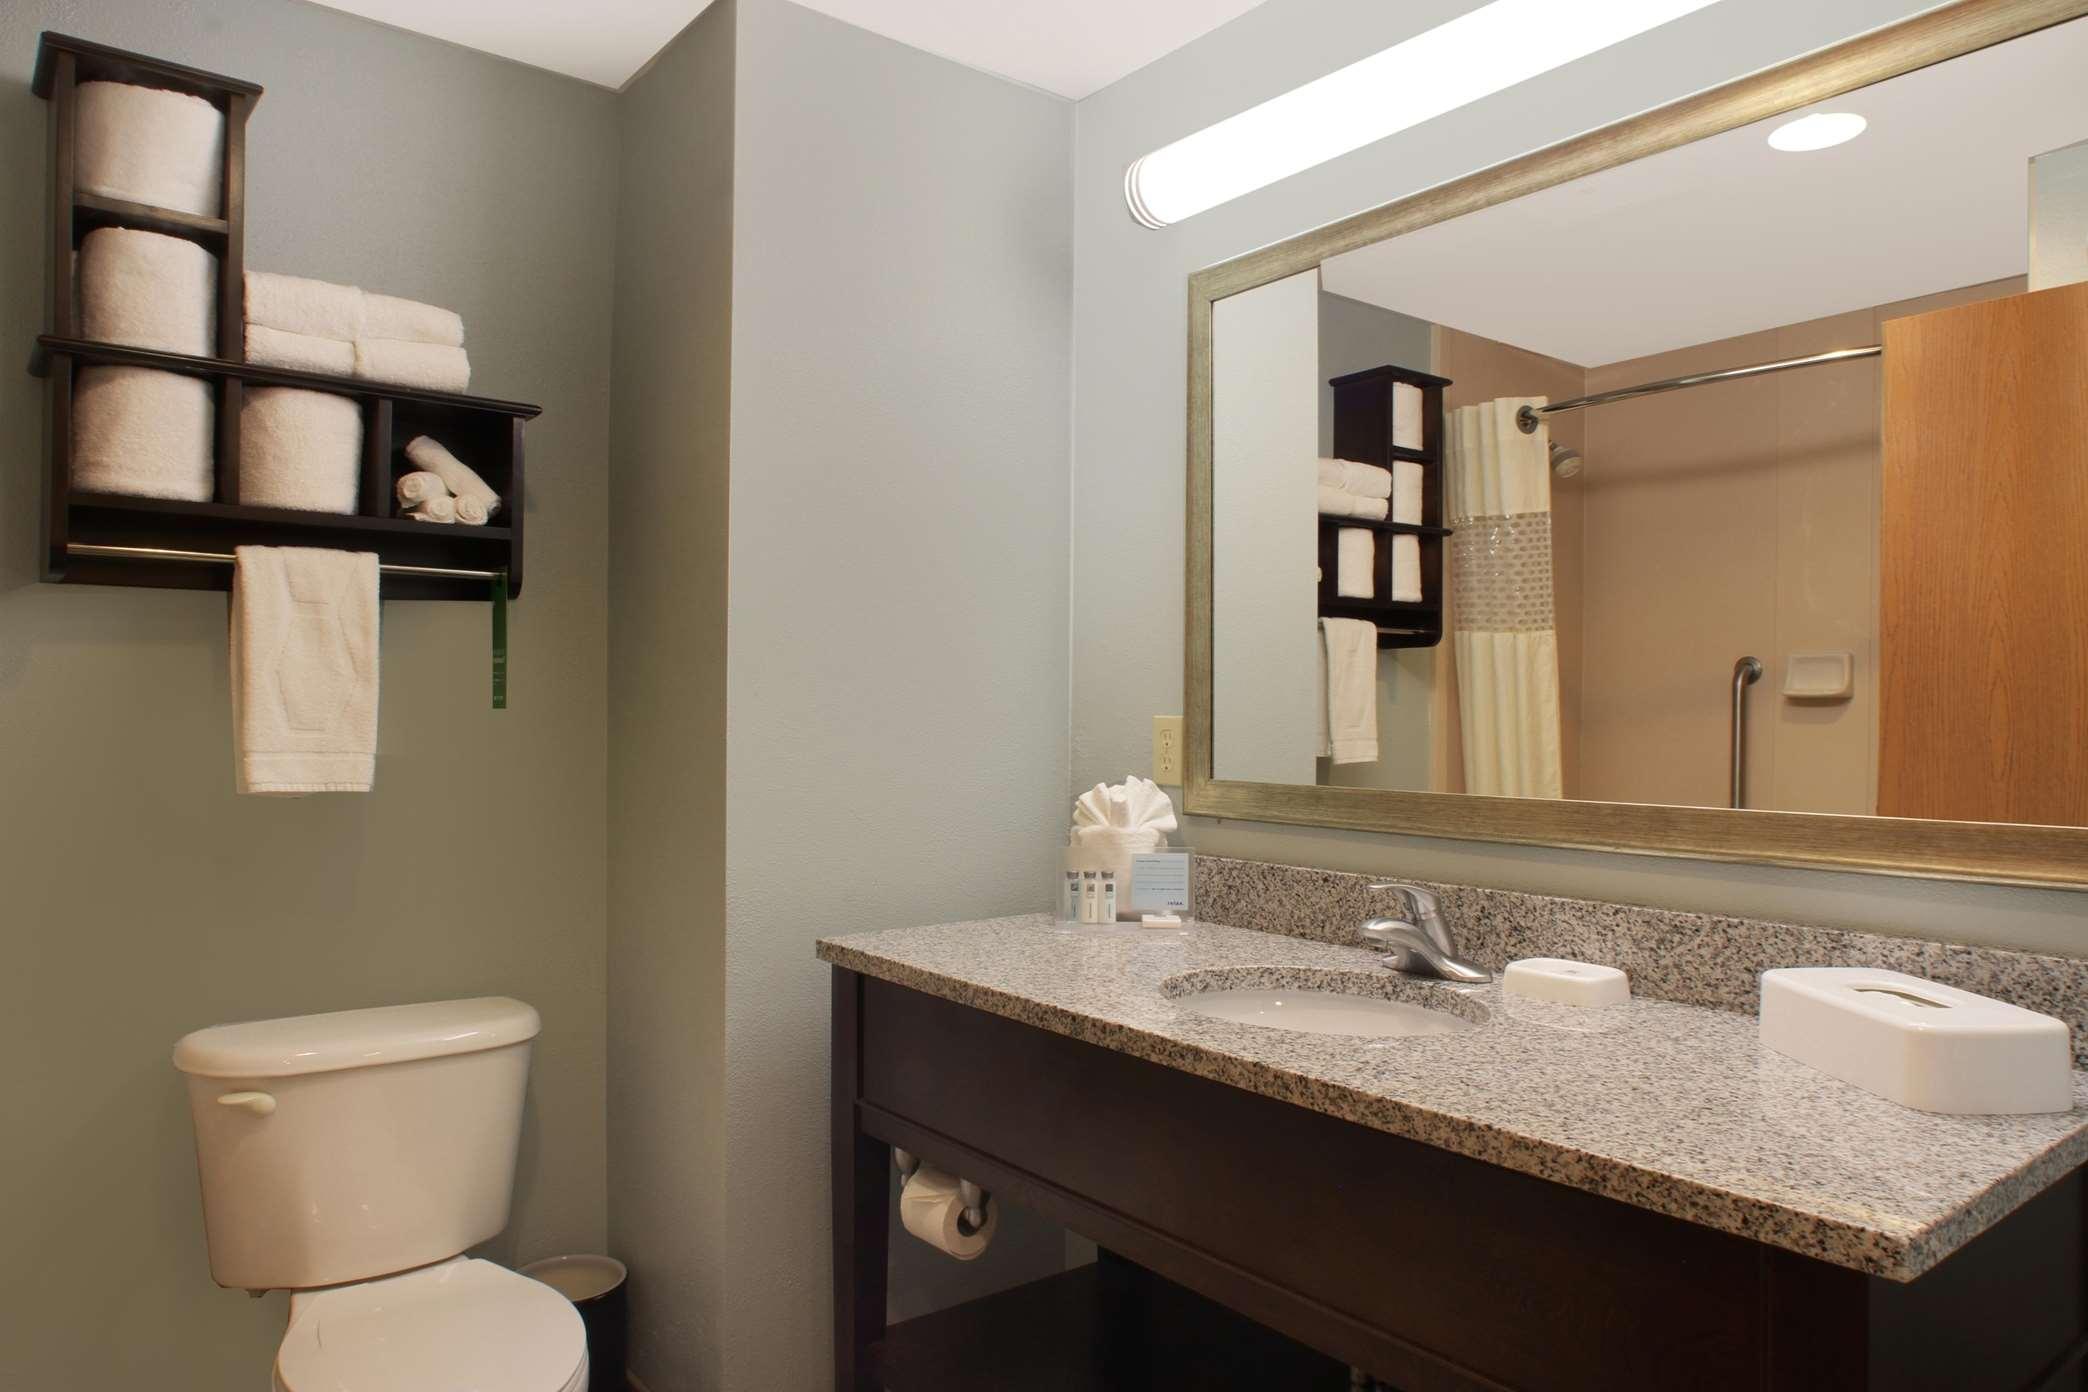 Hampton Inn & Suites Port St. Lucie, West image 16